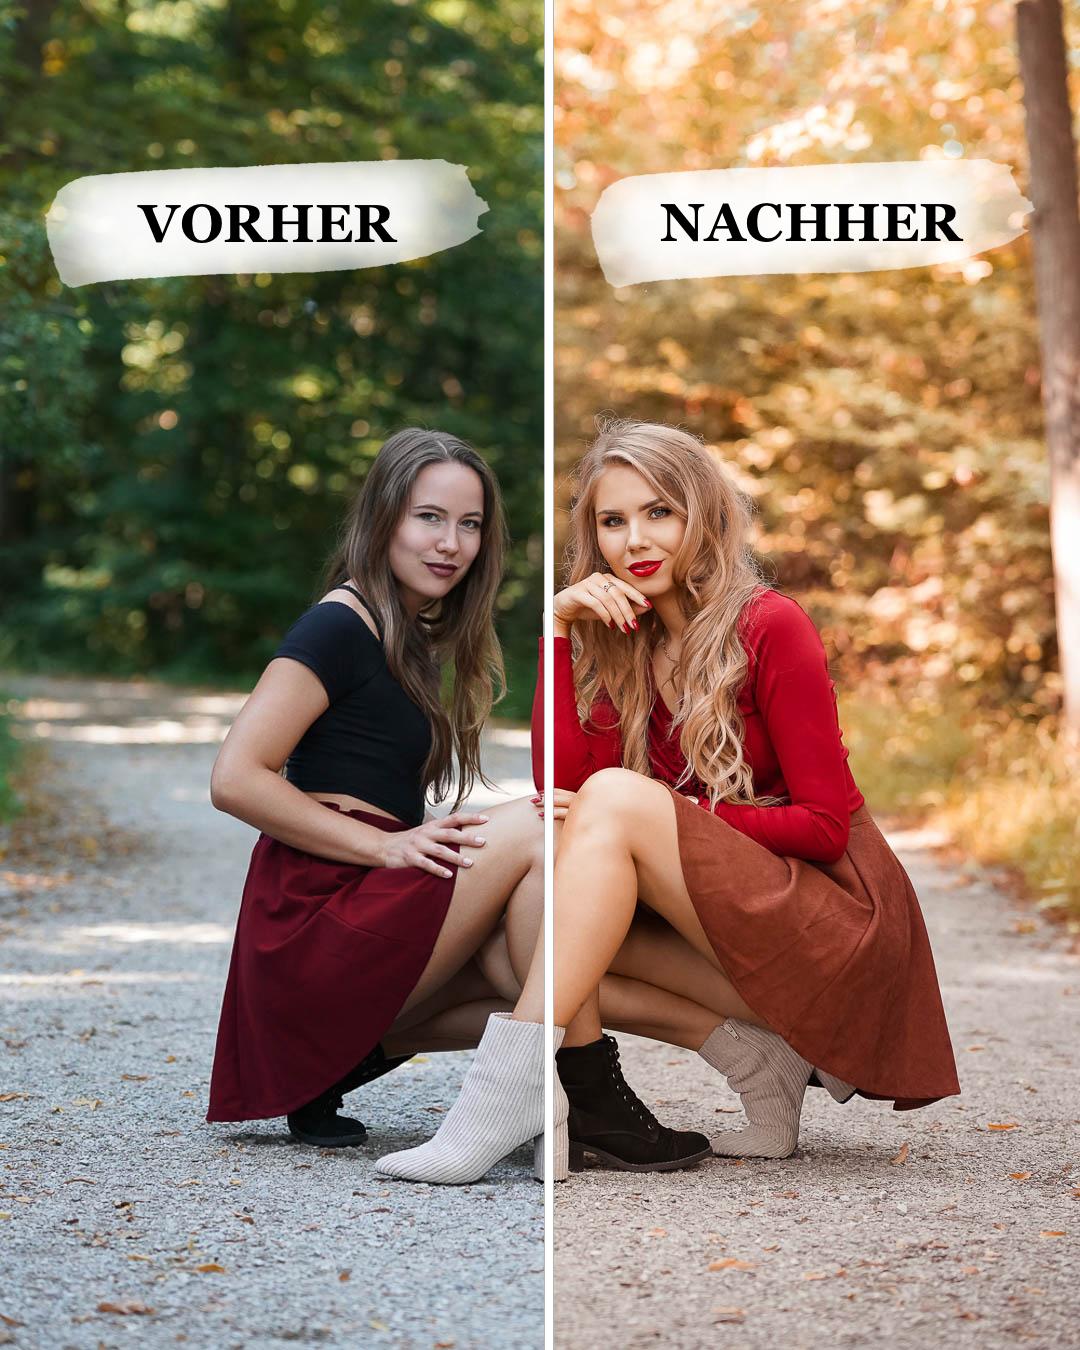 Vorher-Nachher-Vergleich Lightroom-Presets-Herbst-Golden-Grace